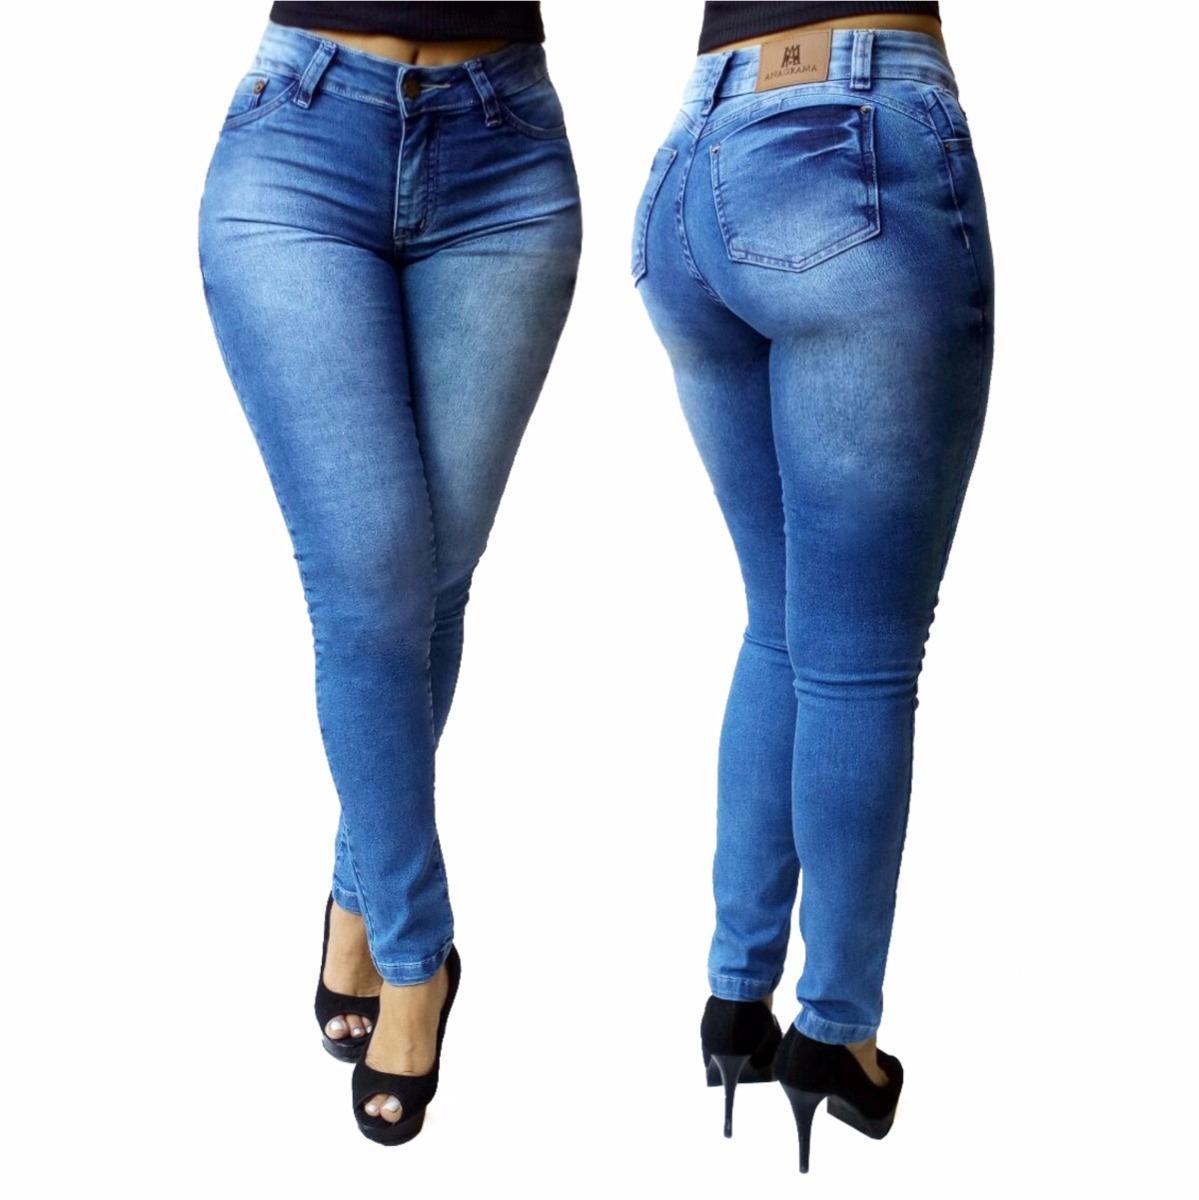 3c993ecf13 calça skinny jeans feminina cós alto. Carregando zoom.